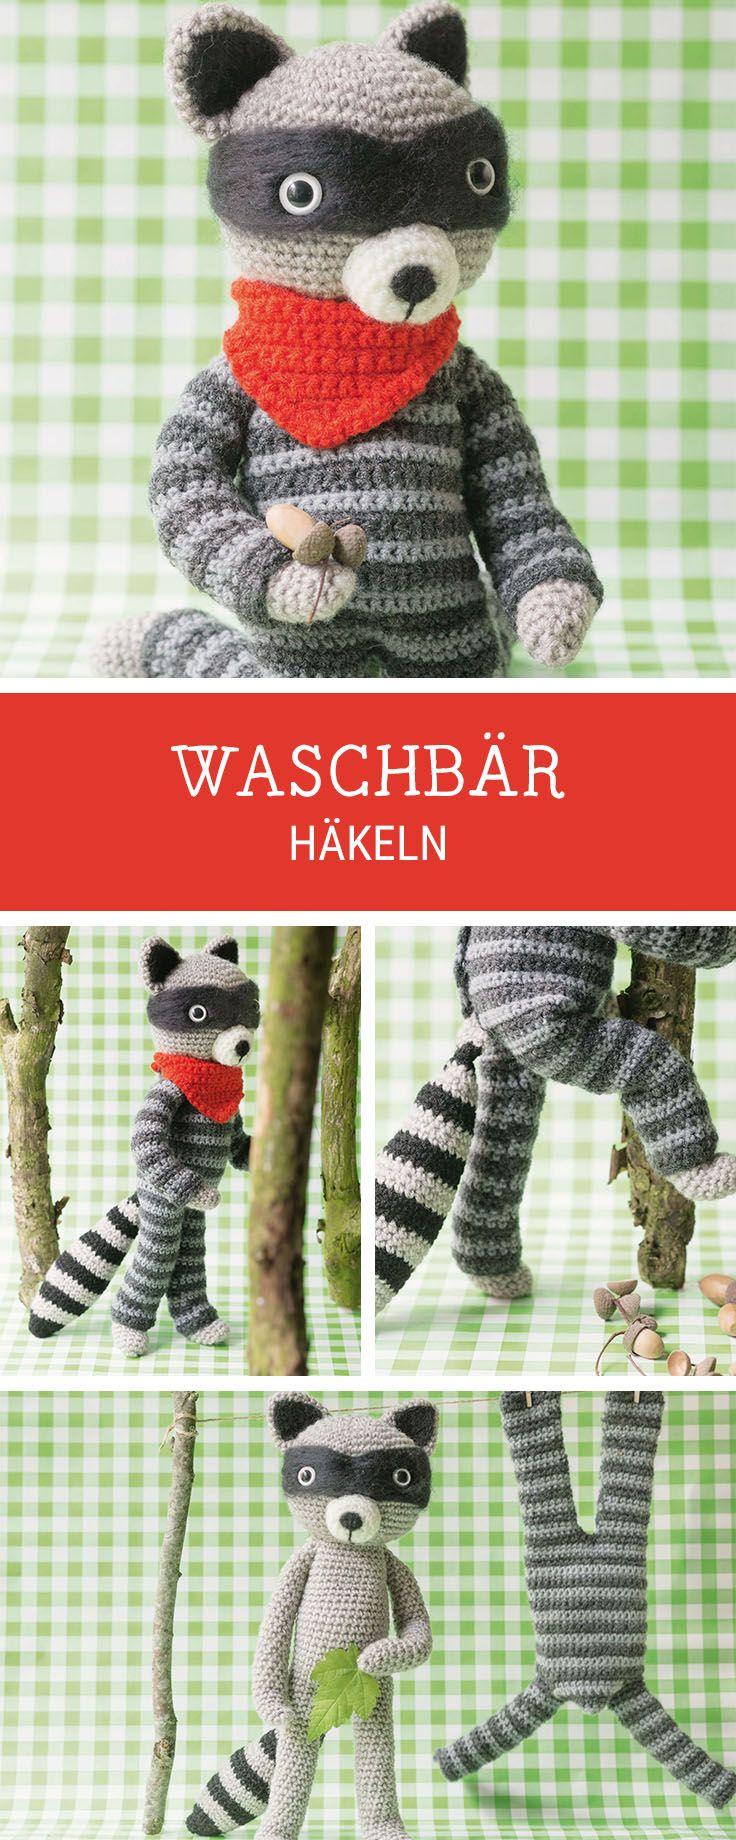 Diy Häkelanleitung Für Ein Amigurumi Waschbär Diy Crochet Tutorial